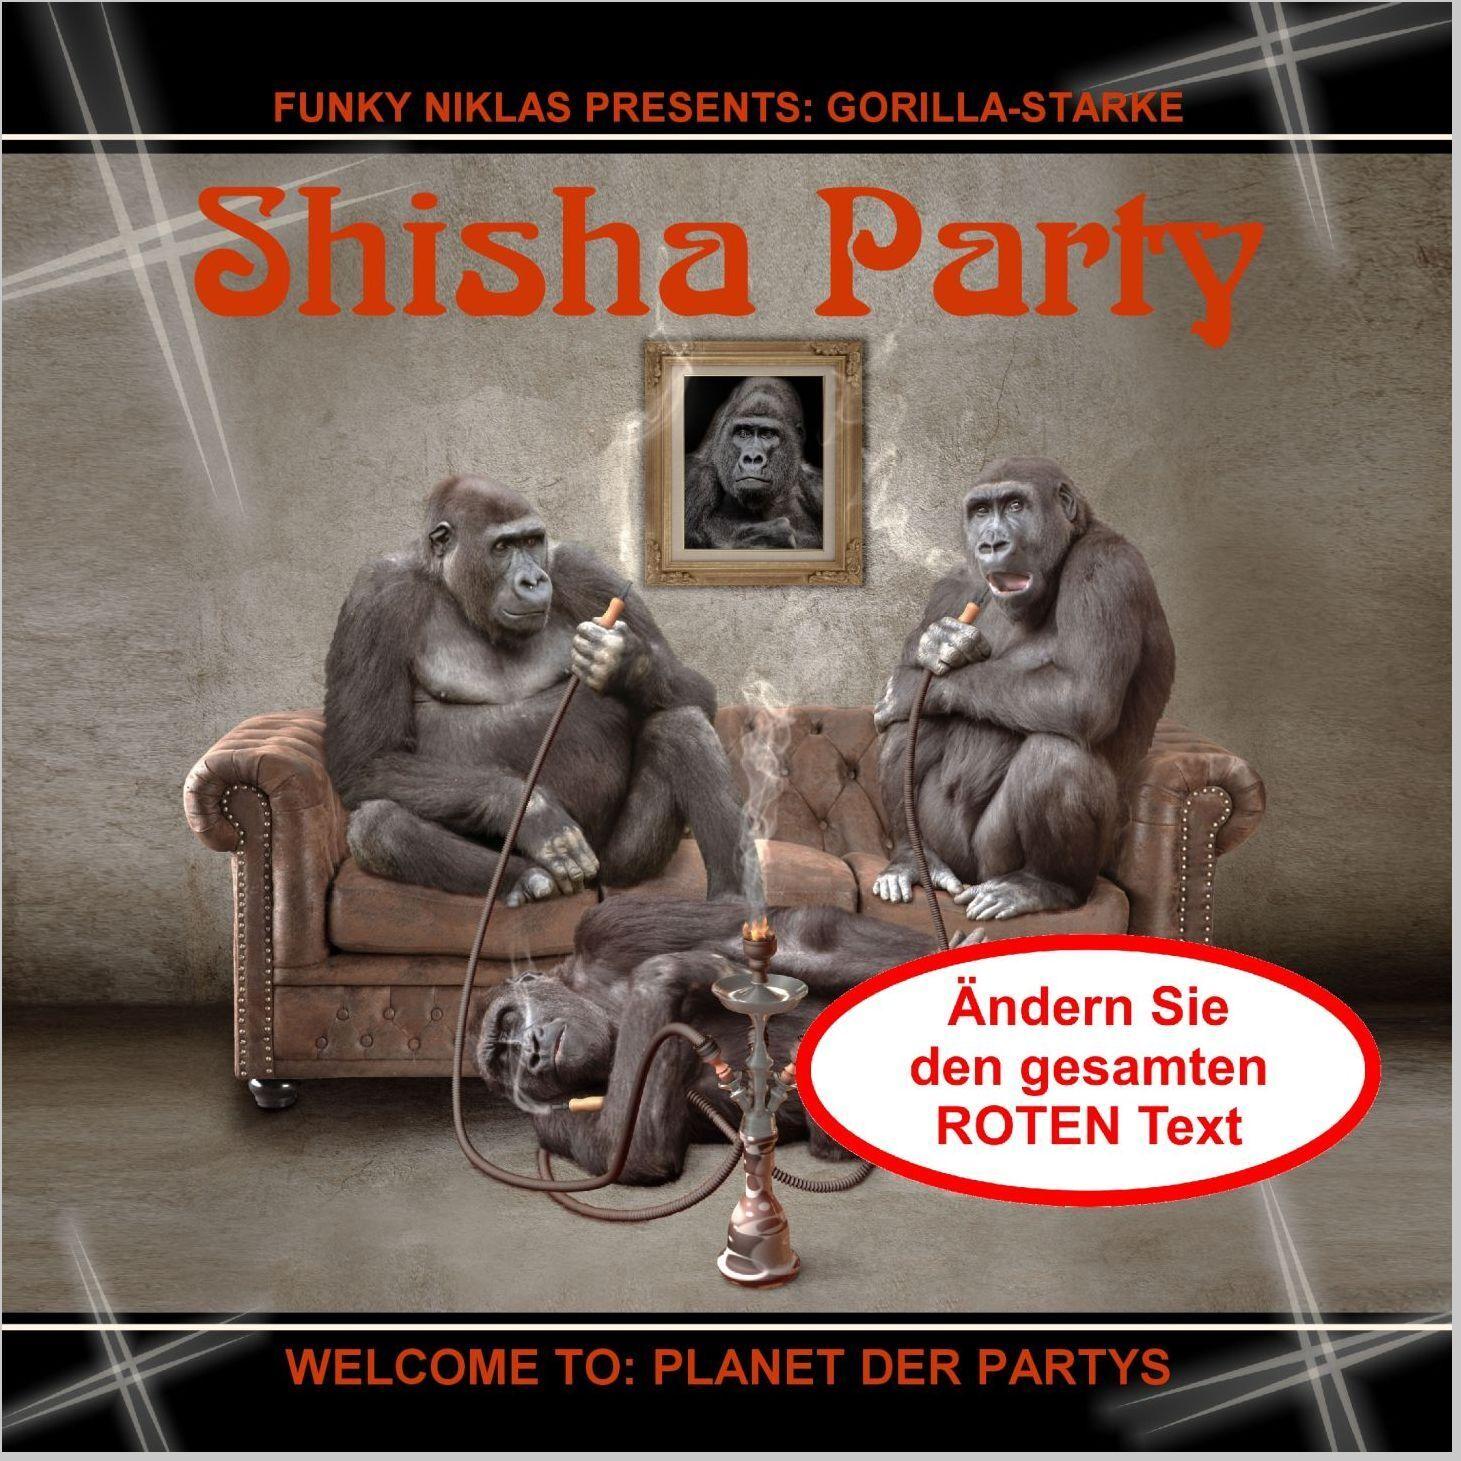 Einladung Shisha Party Geburtstag Wasserpfeife - Text änderbar, jedes Alter Alter Alter TOP     Innovation    Neueste Technologie  c0e9de